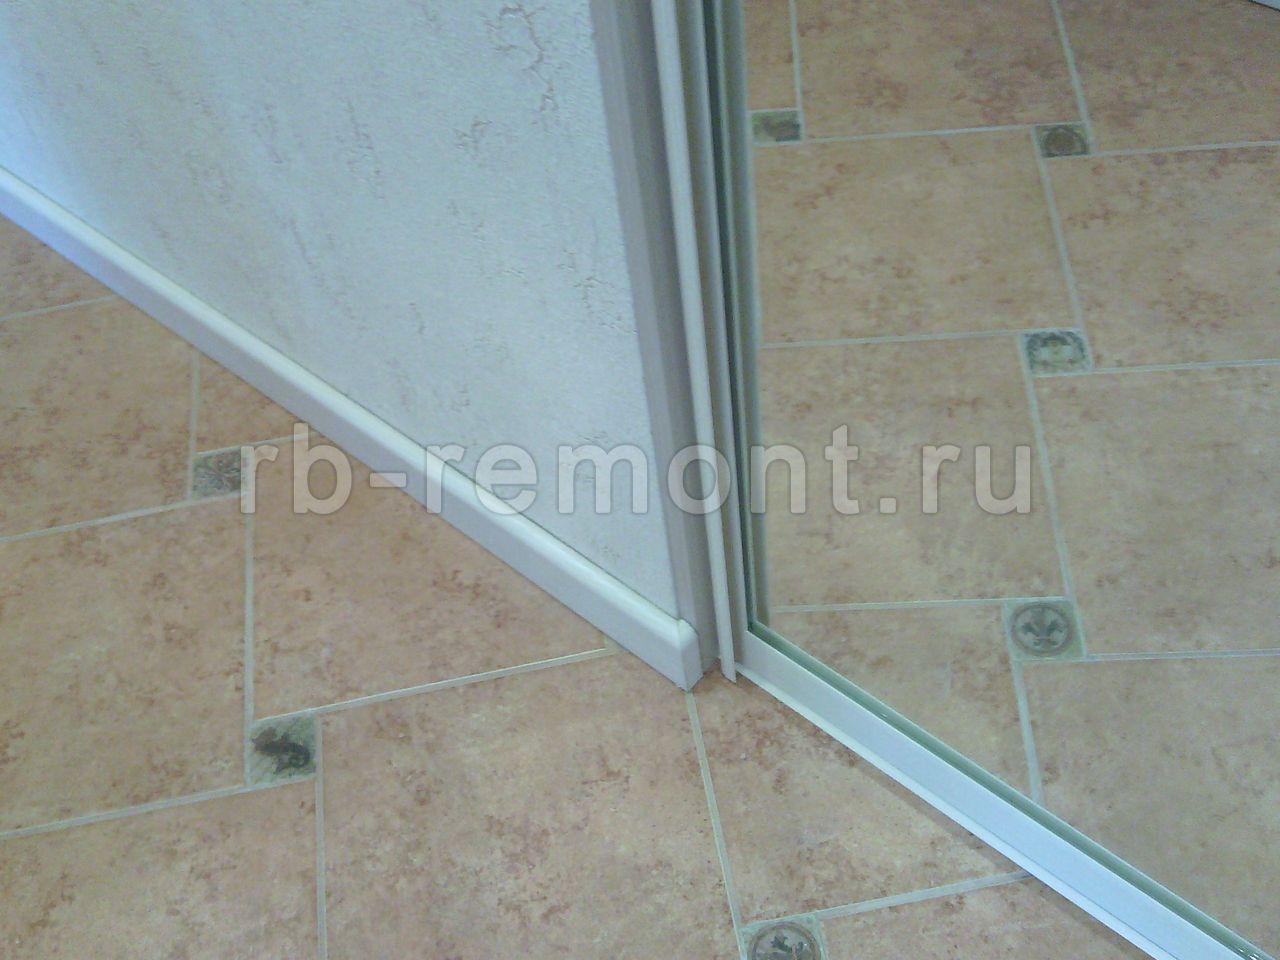 http://www.rb-remont.ru/raboty/photo_/komsomolskaya-125.1-00/img/img_20150709_121732.jpg (бол.)